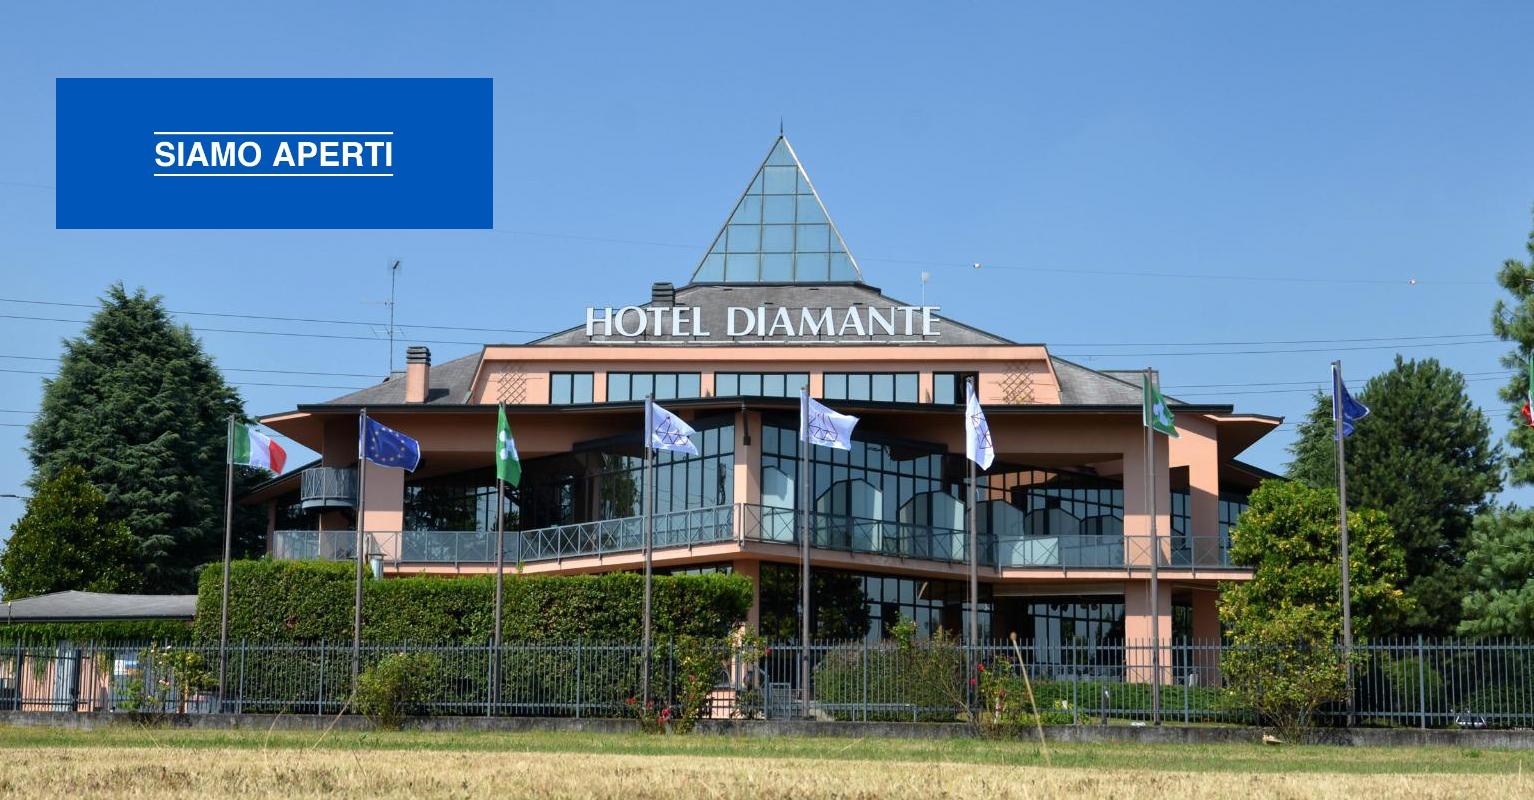 A Milano apre l'hotel Michelangelo per le quarantene, il Diamante per medici e ospedalieri